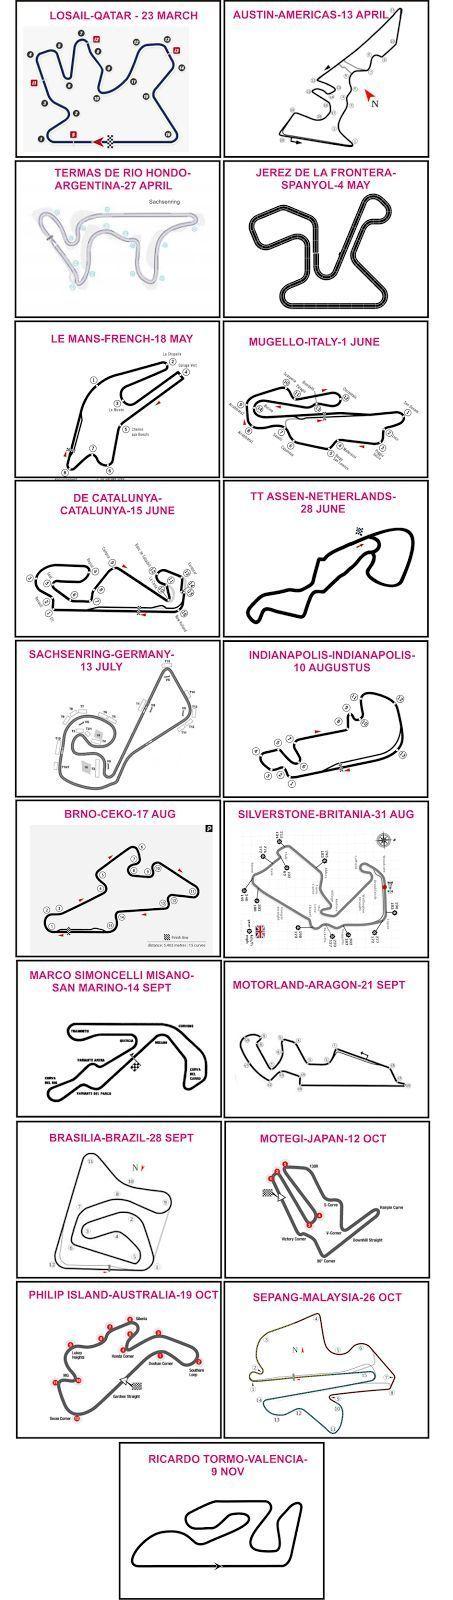 Cirkuit MotoGP 2014 Comments